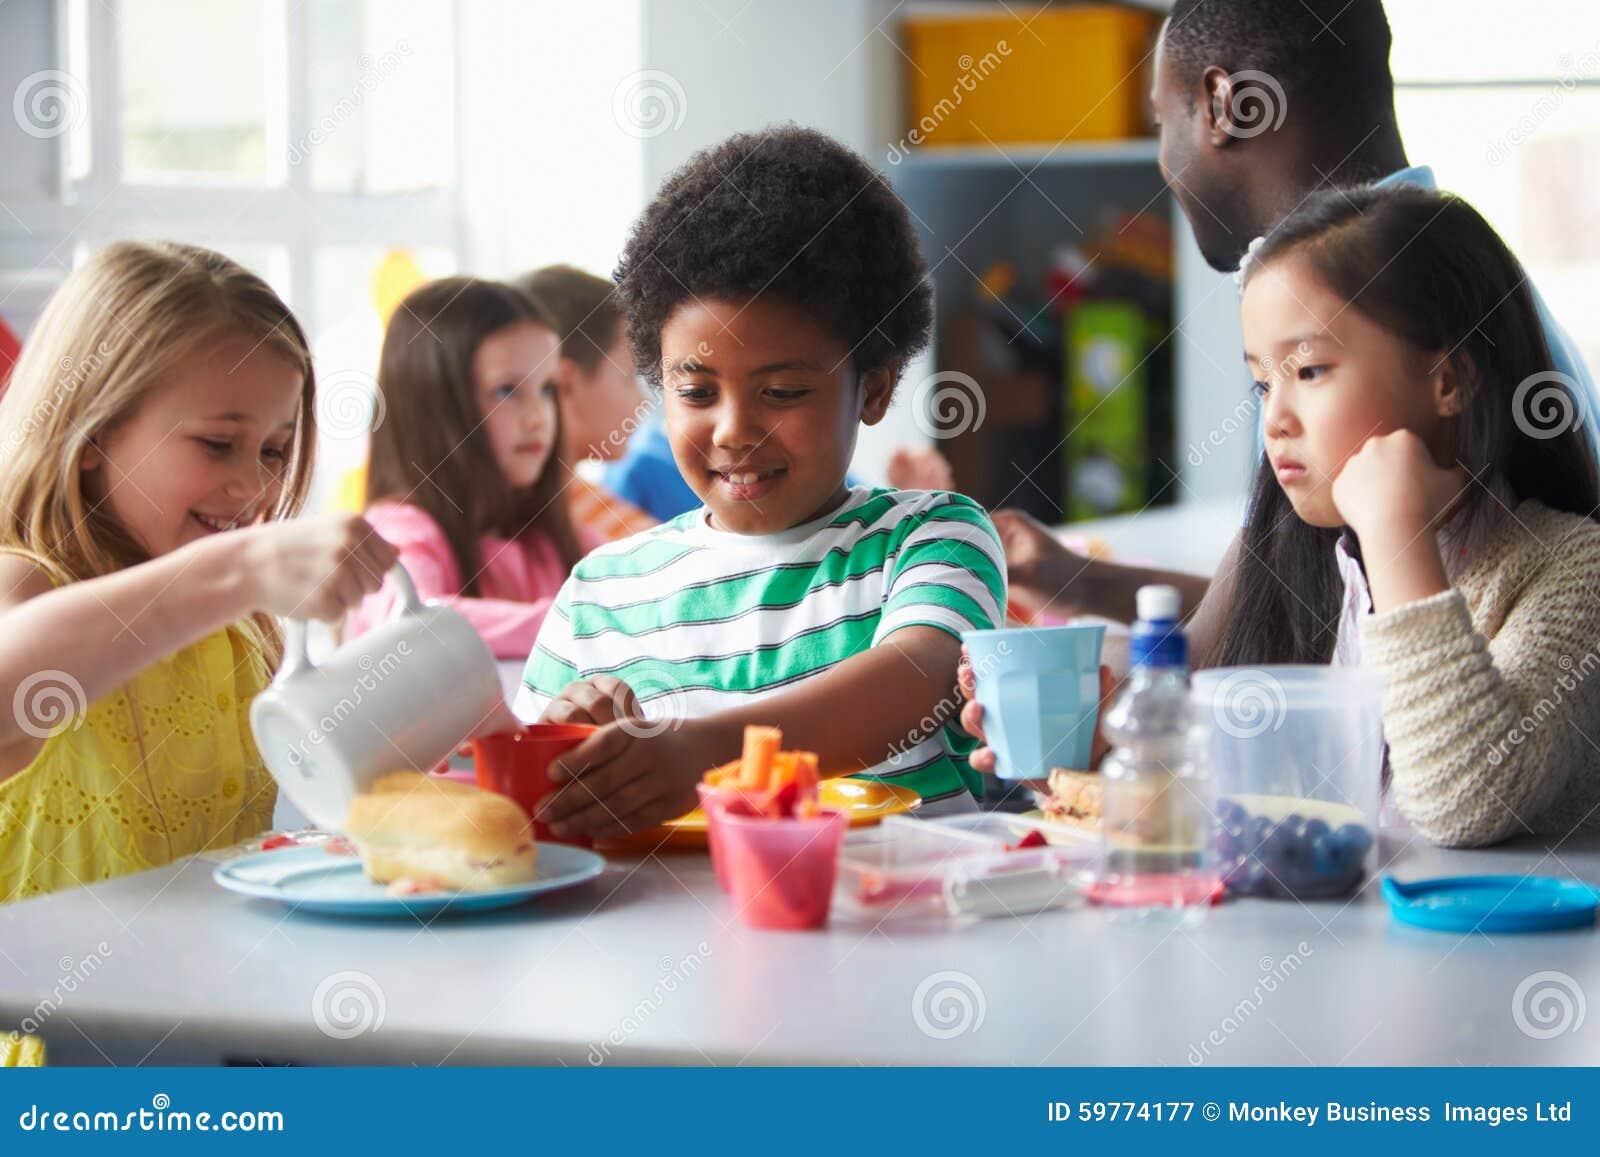 Группа в составе дети есть обед в школьном кафетерии